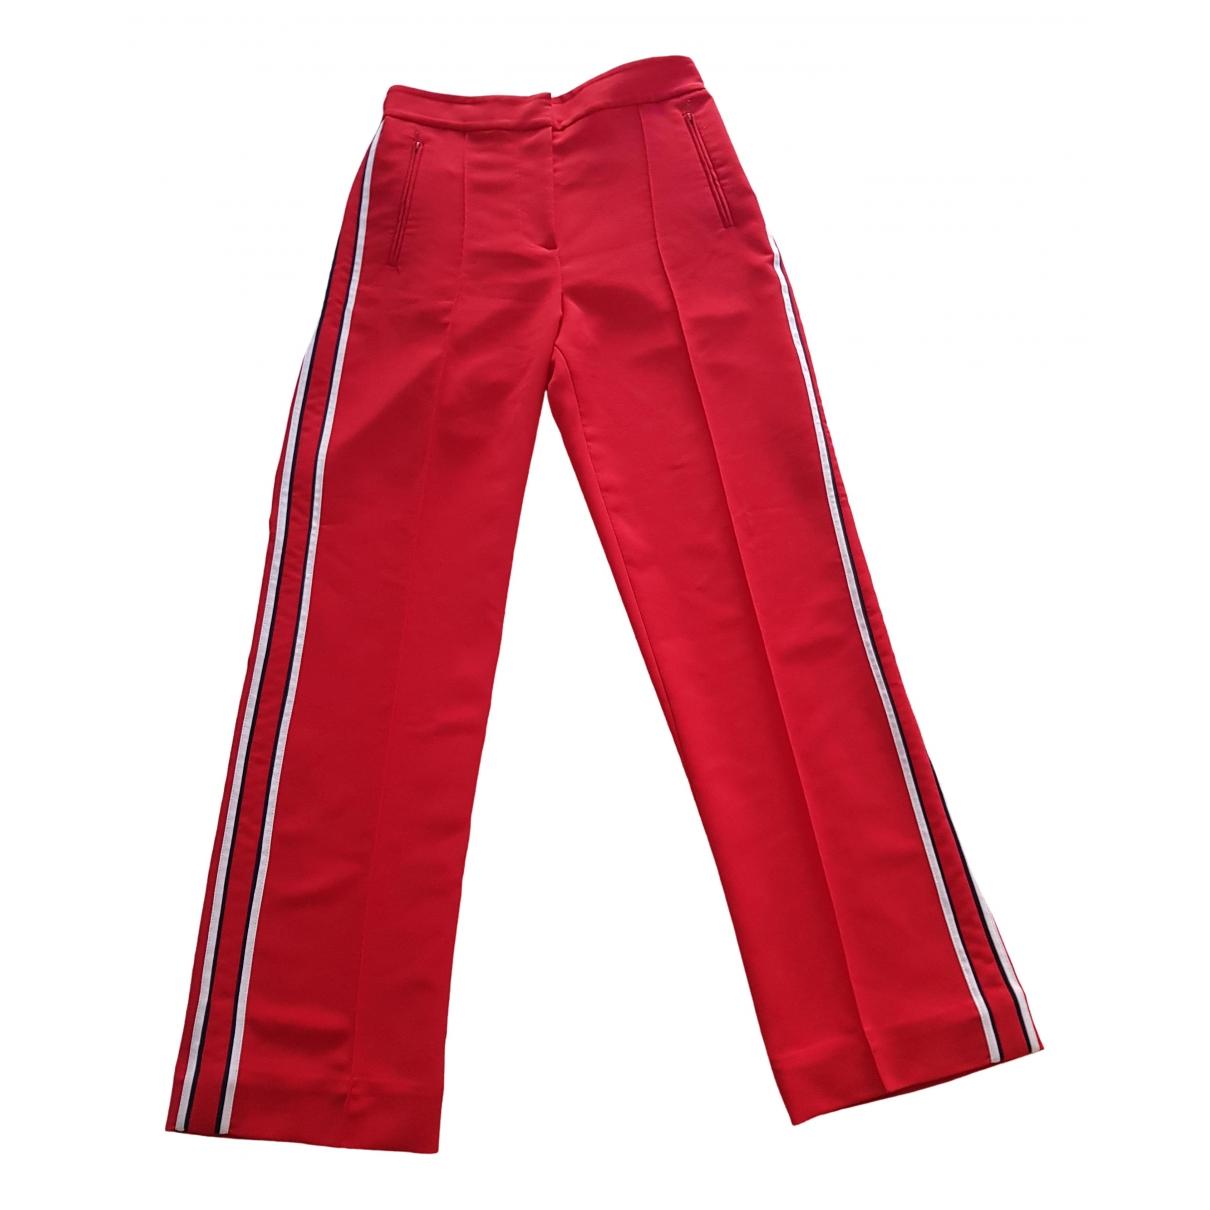 Pantalon en Poliester Rojo & Other Stories